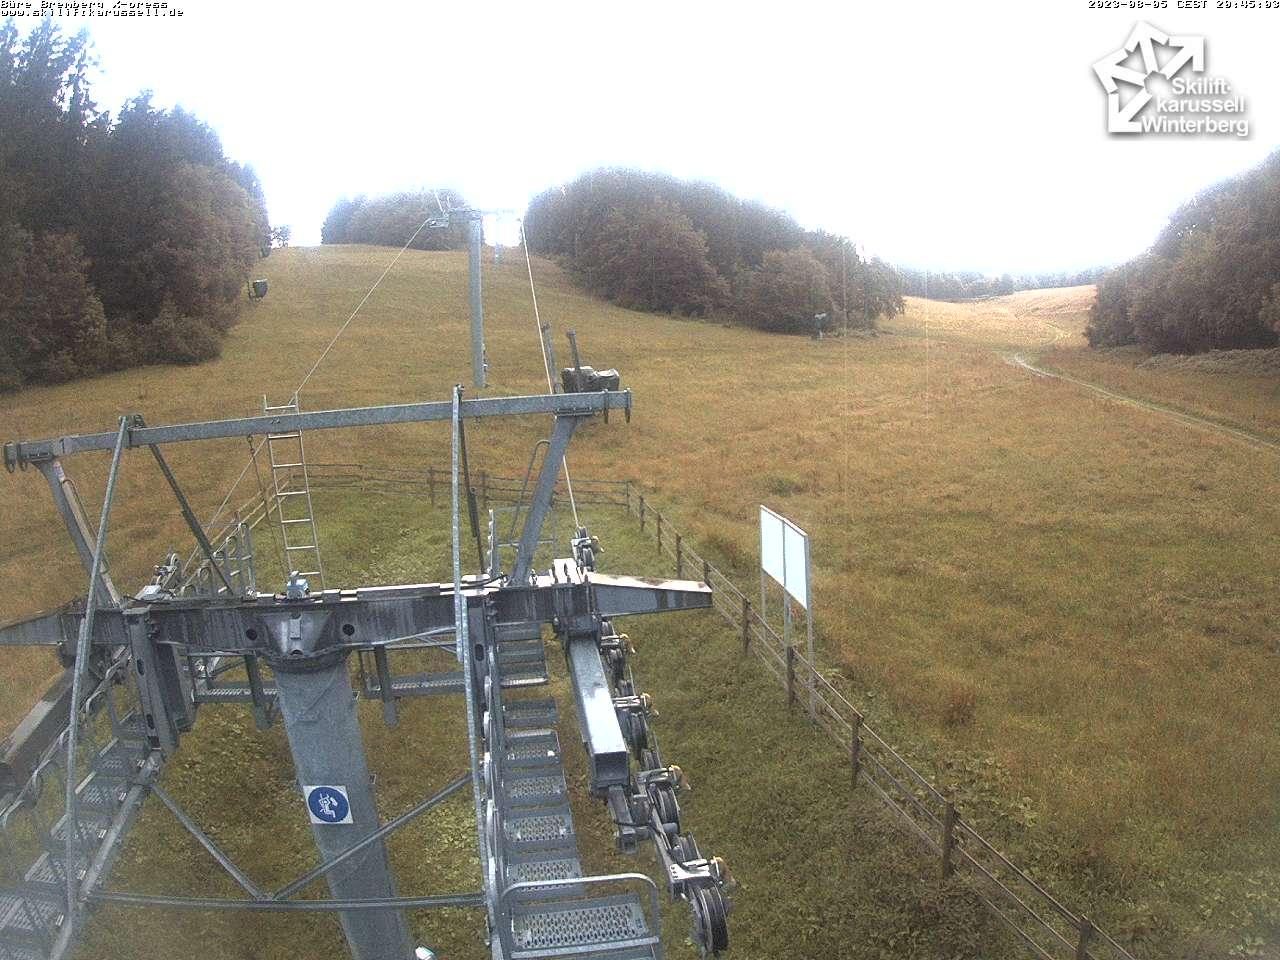 Webcam Büre Bremberg X-Press - Skiliftkarussell Winterberg